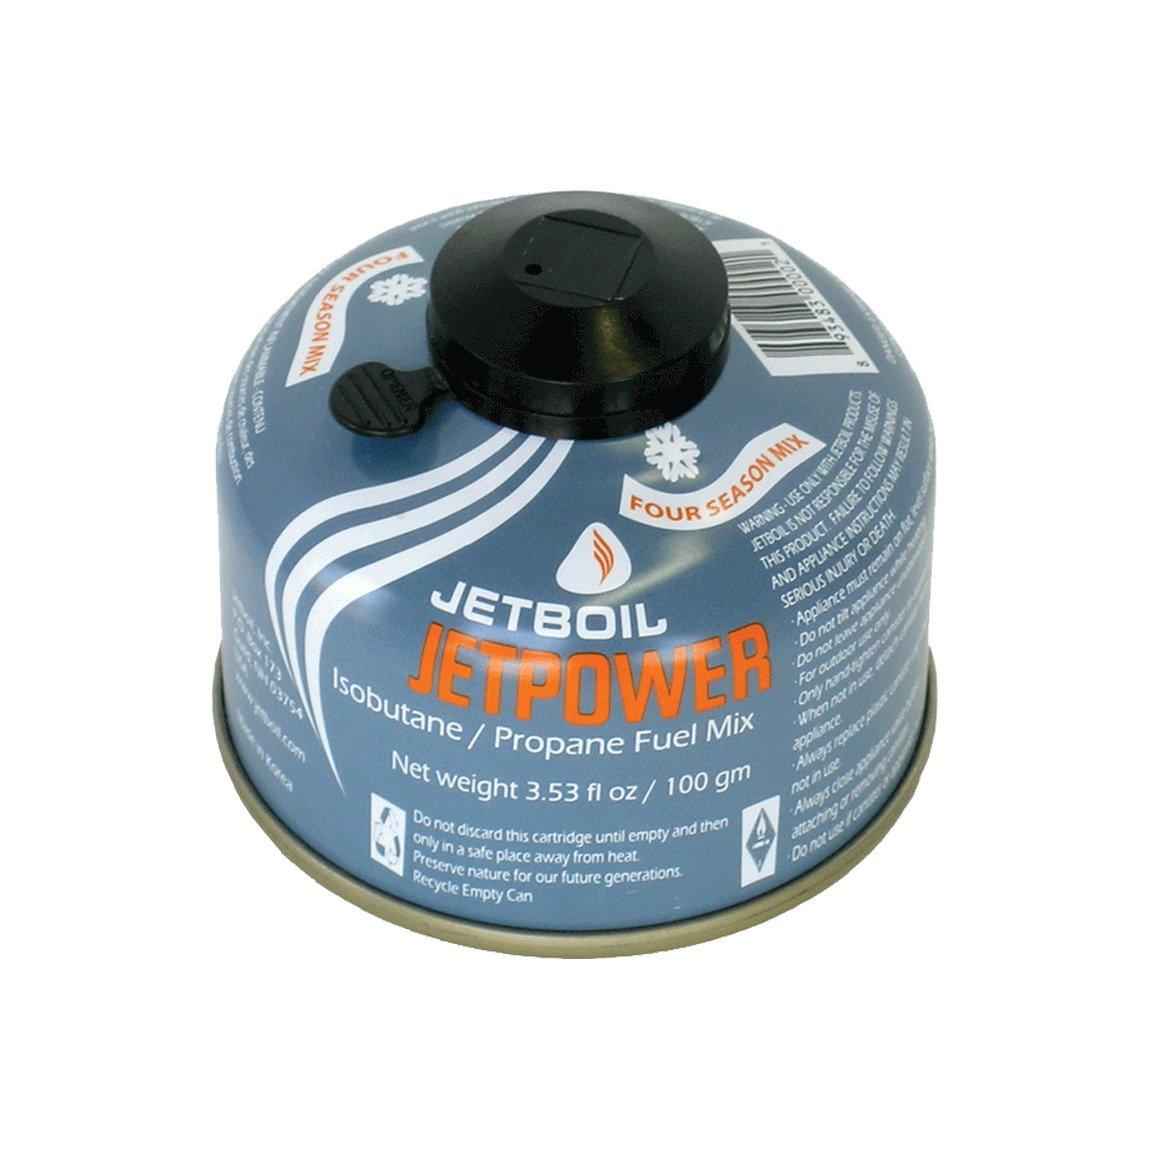 Jetboil Jetpower Isobutane/Propane Fuel Canister